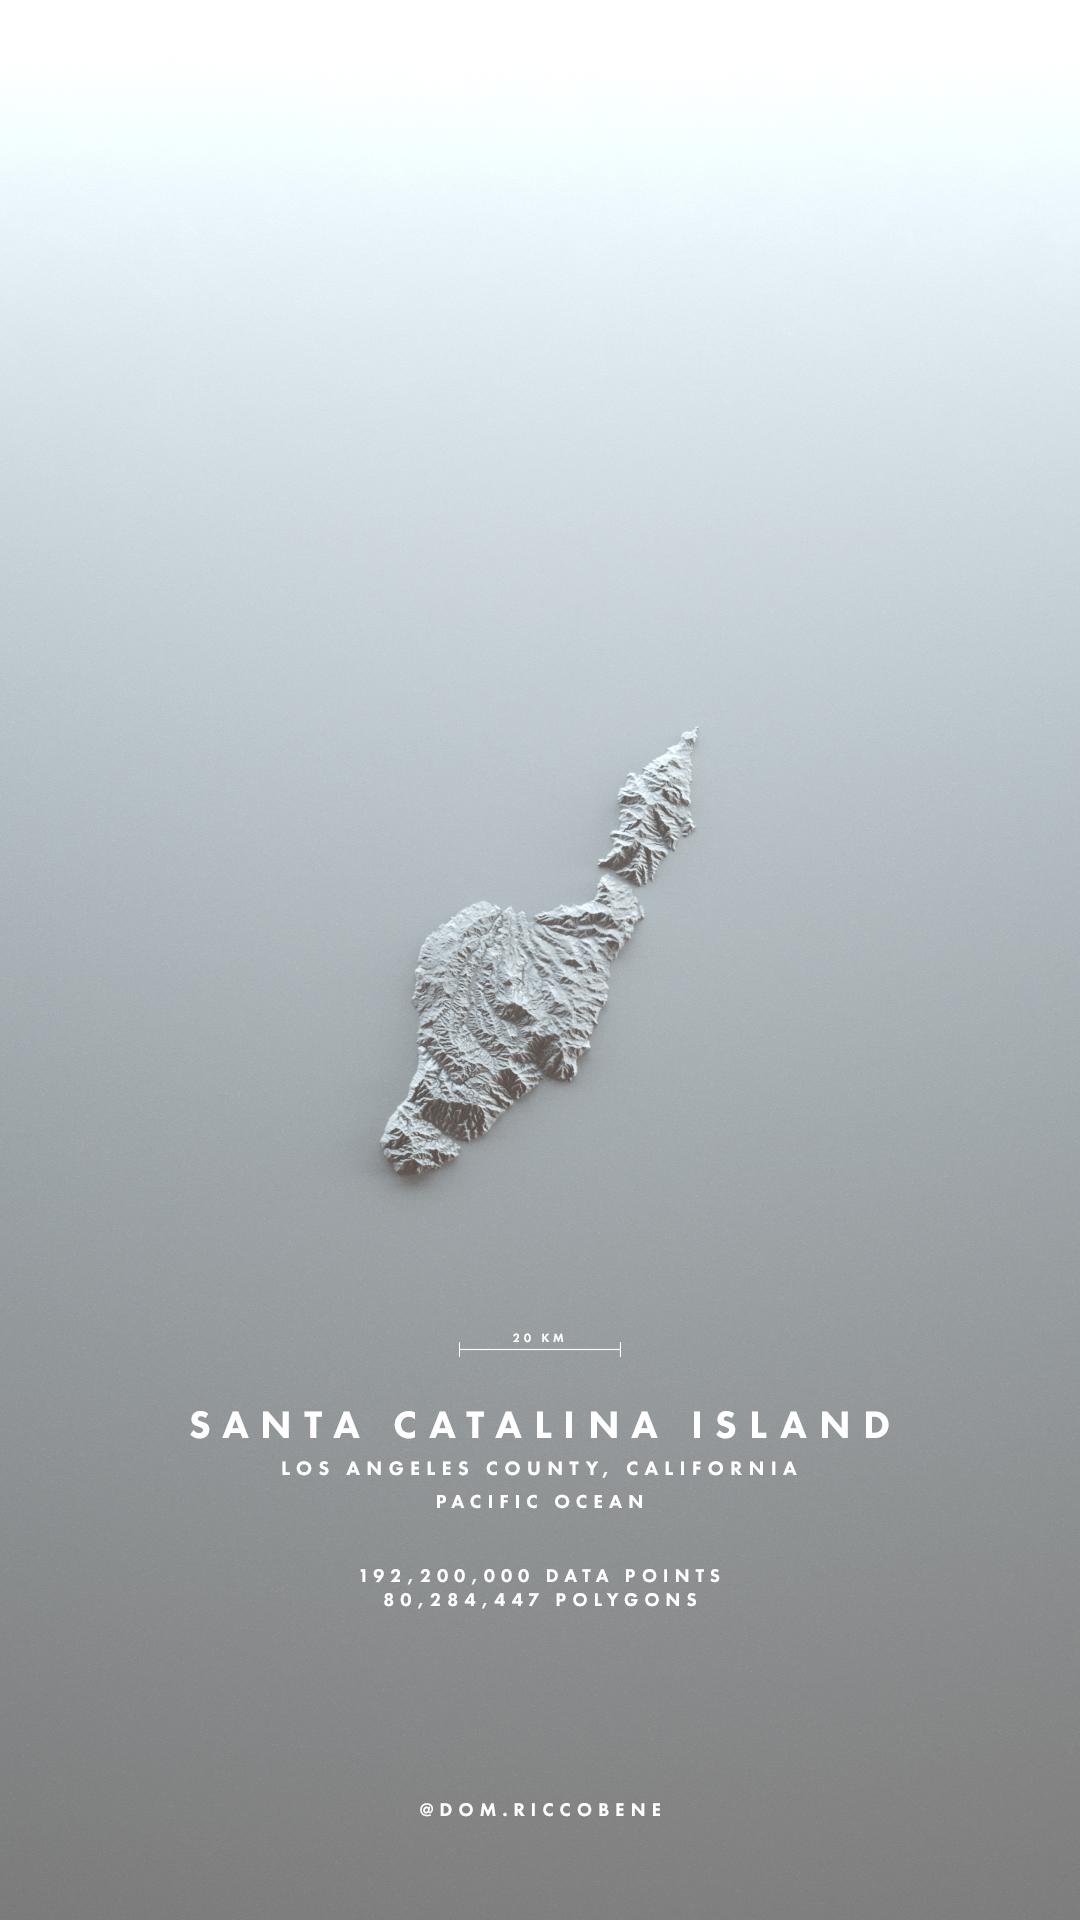 Catalina_Album1.jpg